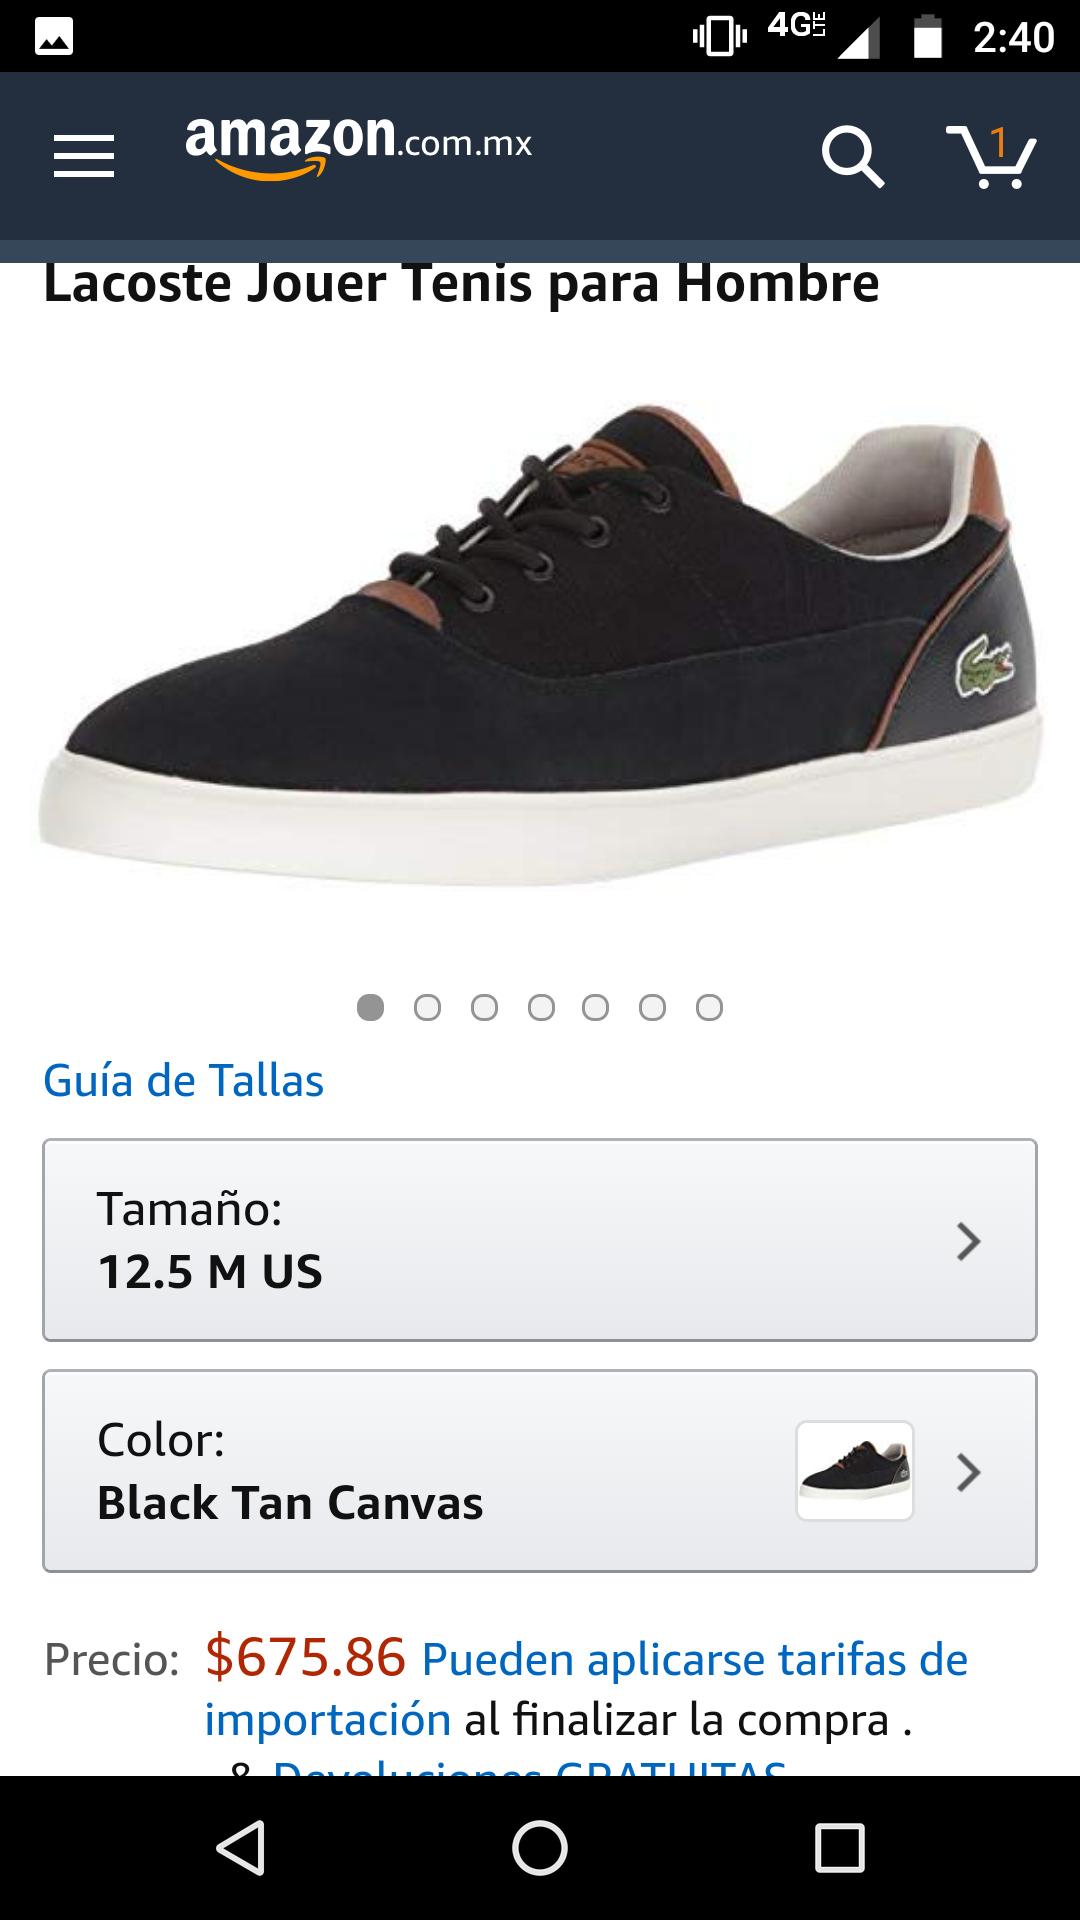 Amazon: Tenis Lacoste Jouer negro, otros colores y precios disponibles (leer descripción)